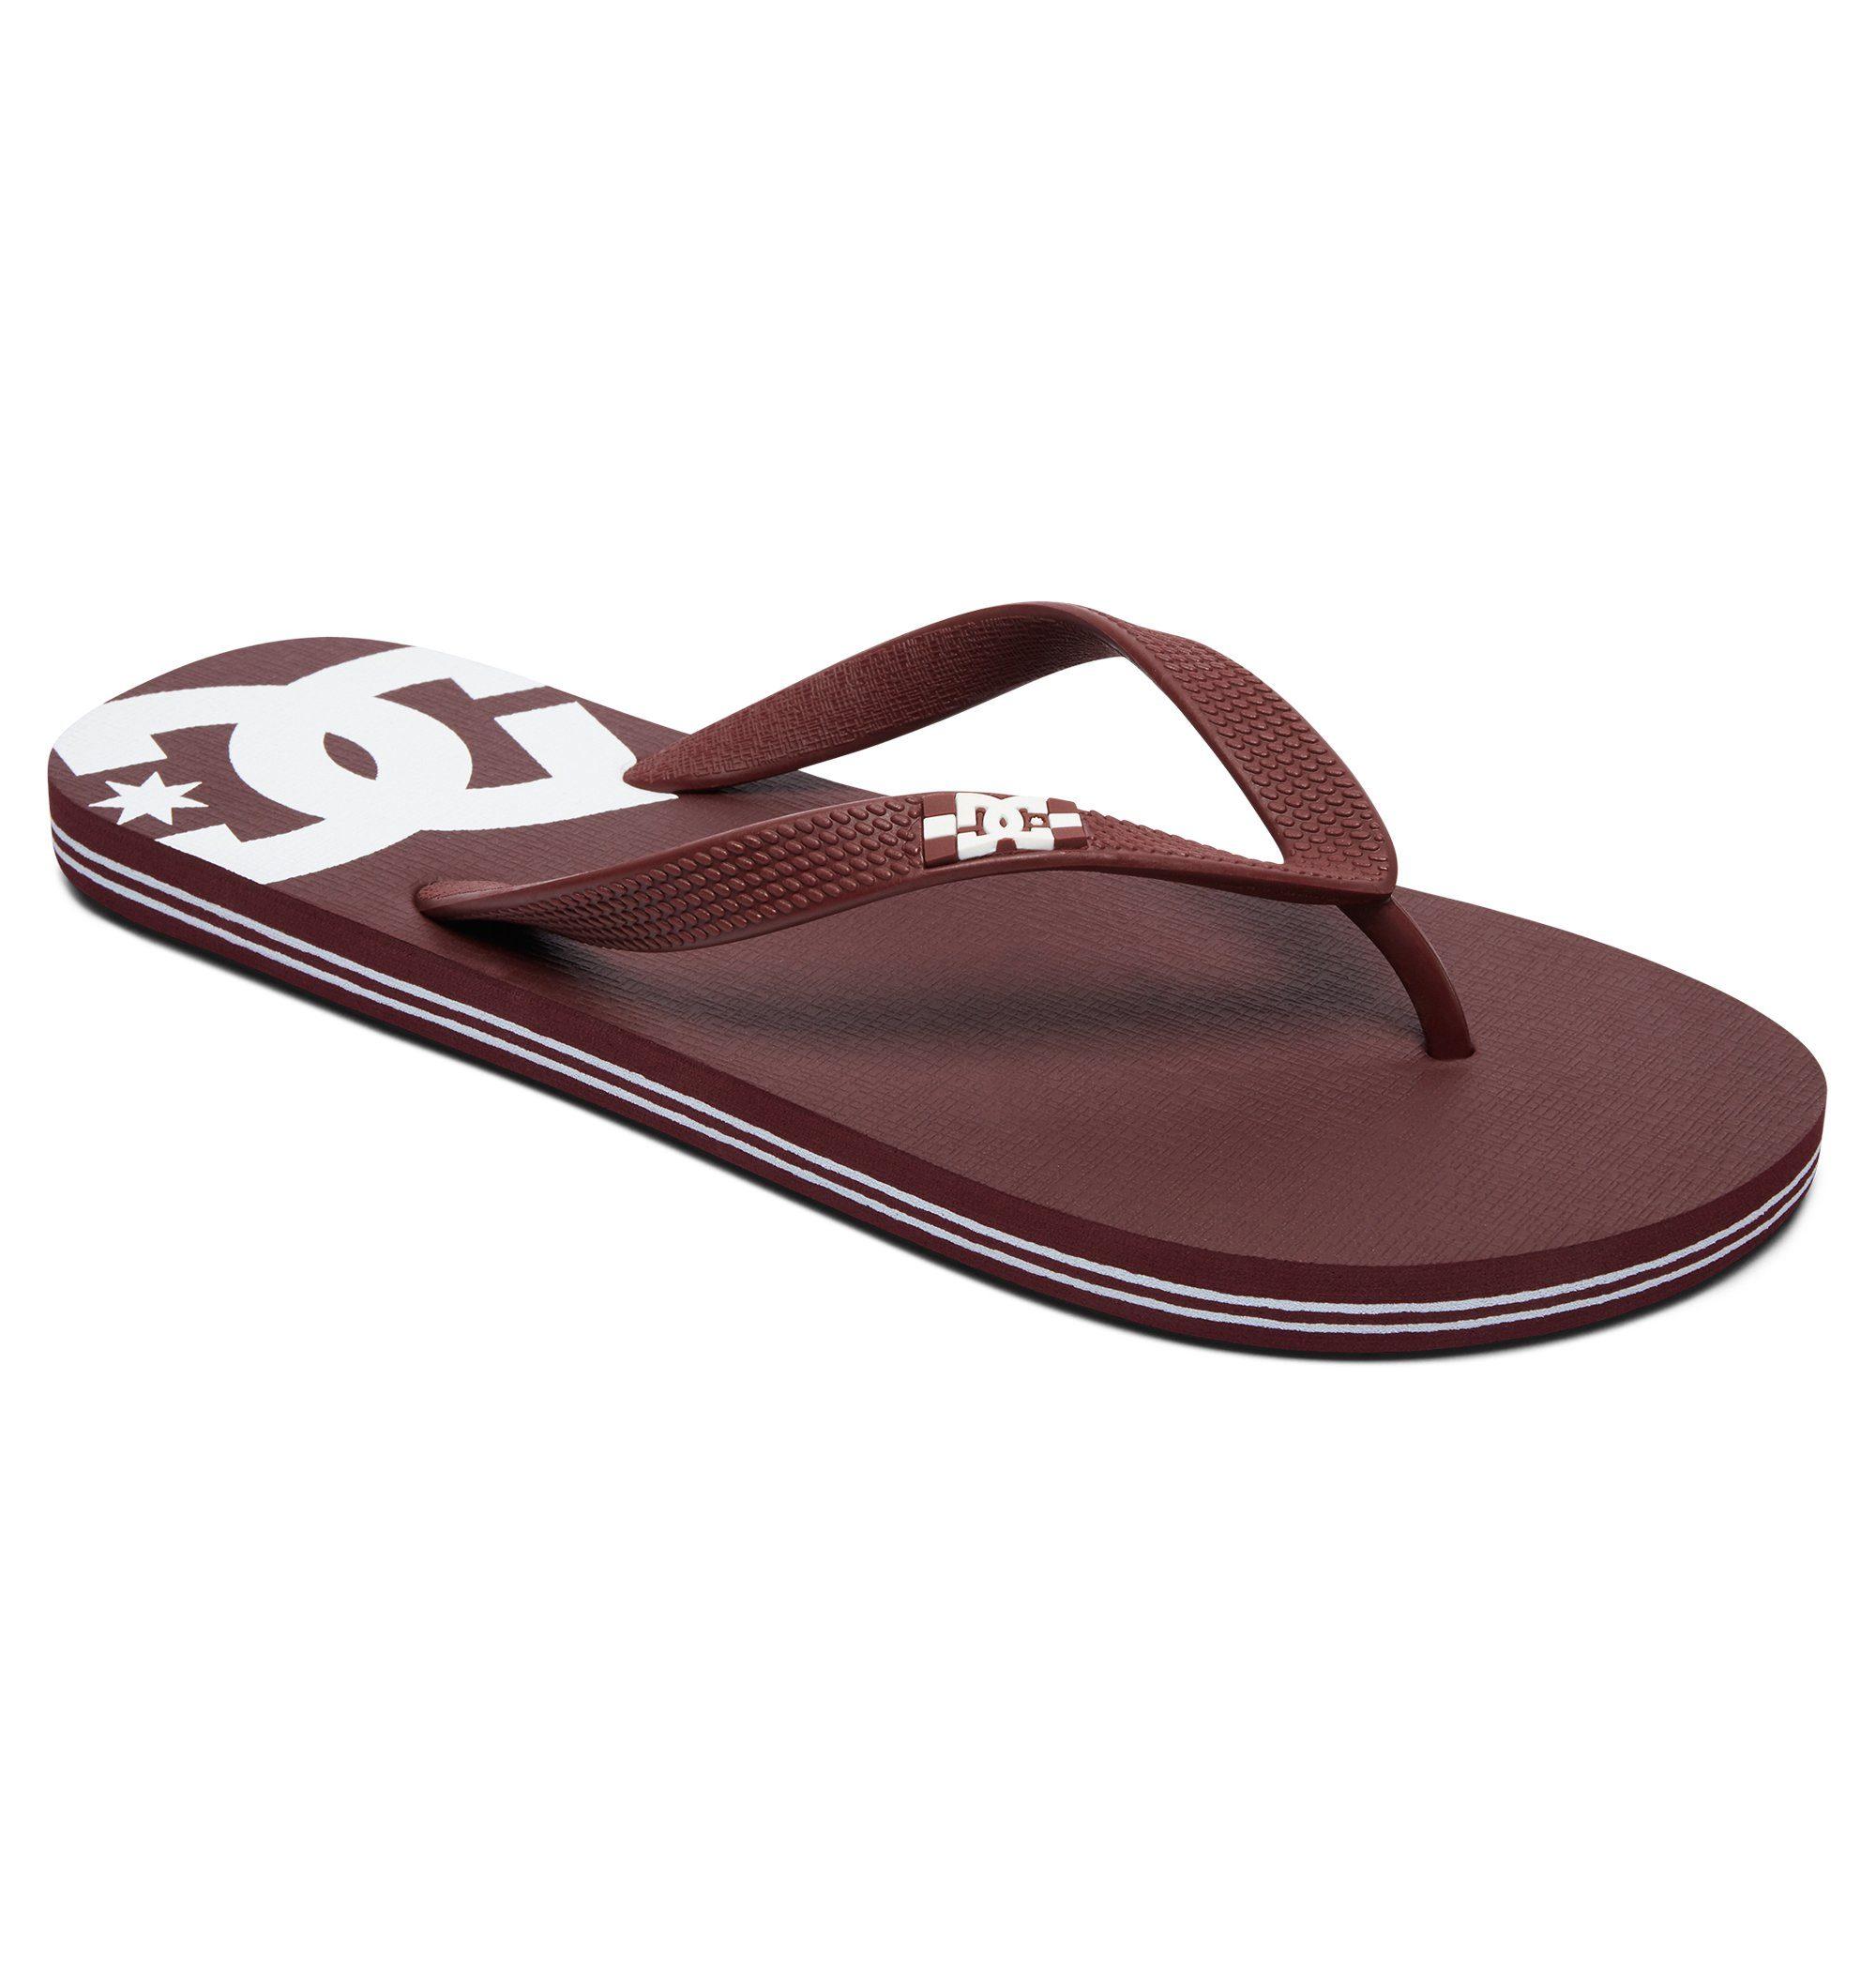 DC Shoes Sandalen Spray online kaufen  MAROON